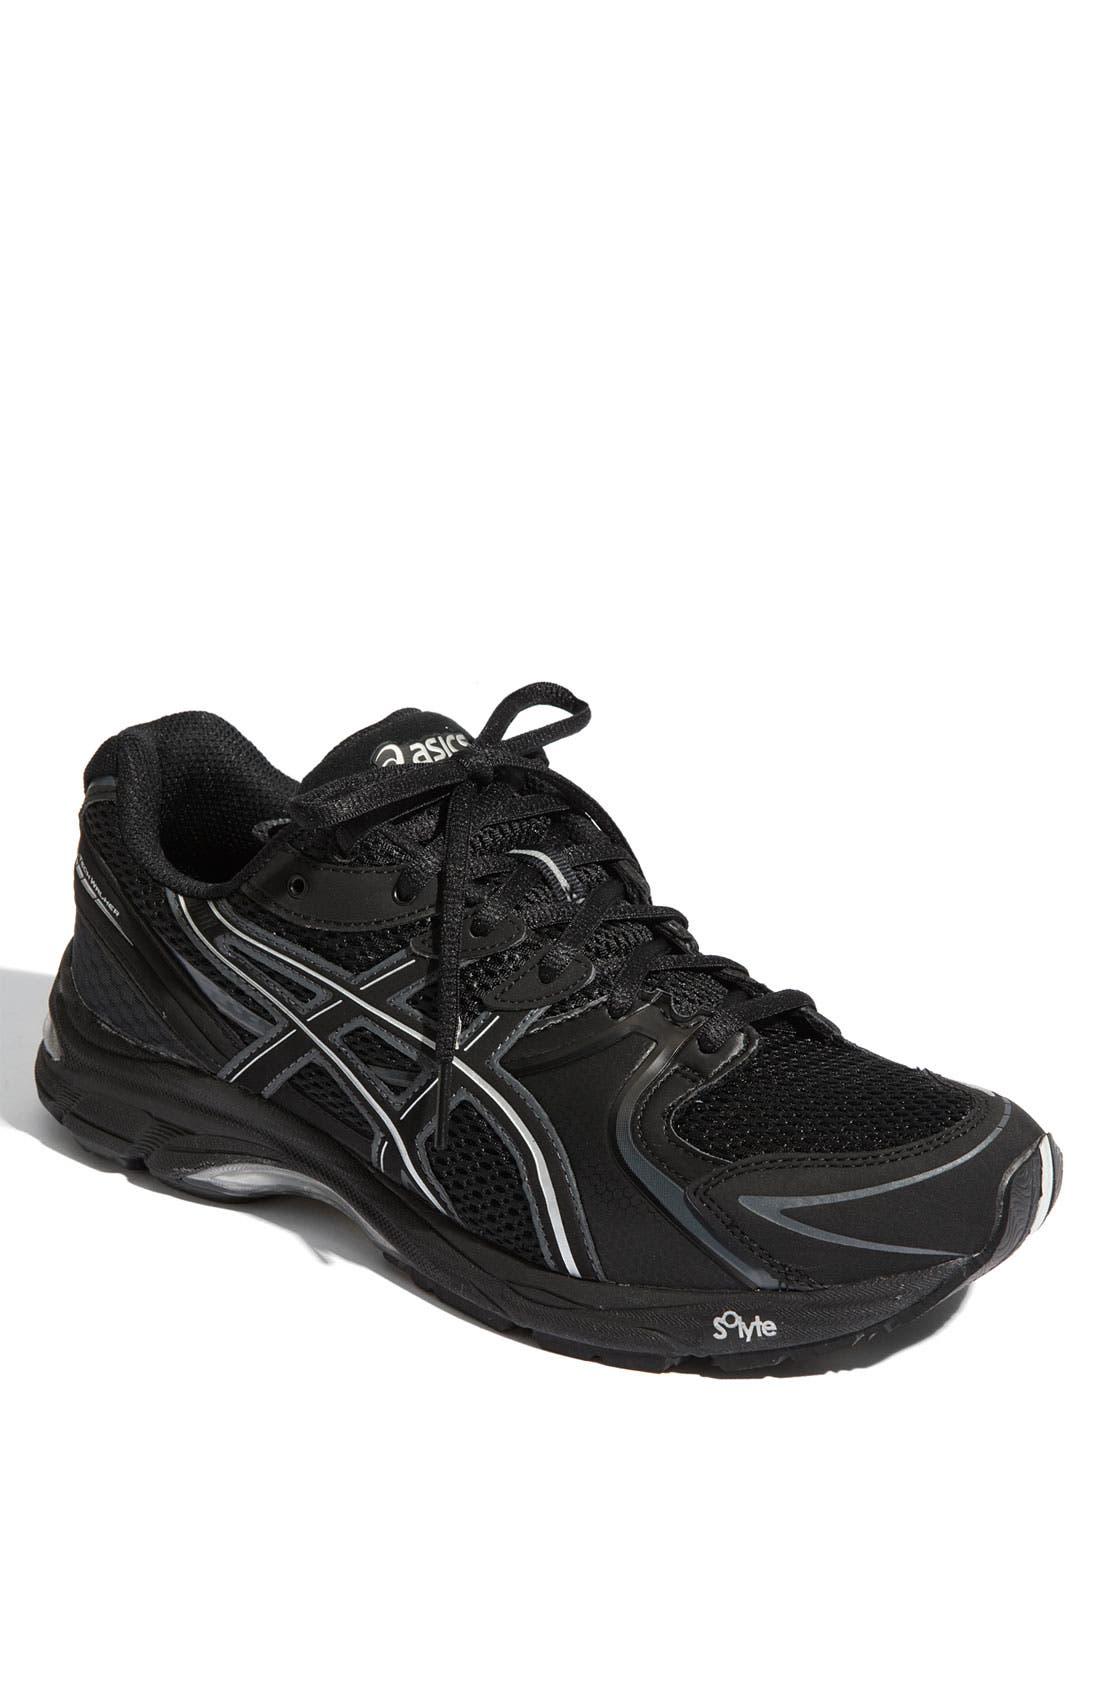 ASICS<SUP>®</SUP> 'Gel-Tech Walker Neo' Walking Shoe, Main, color, 004